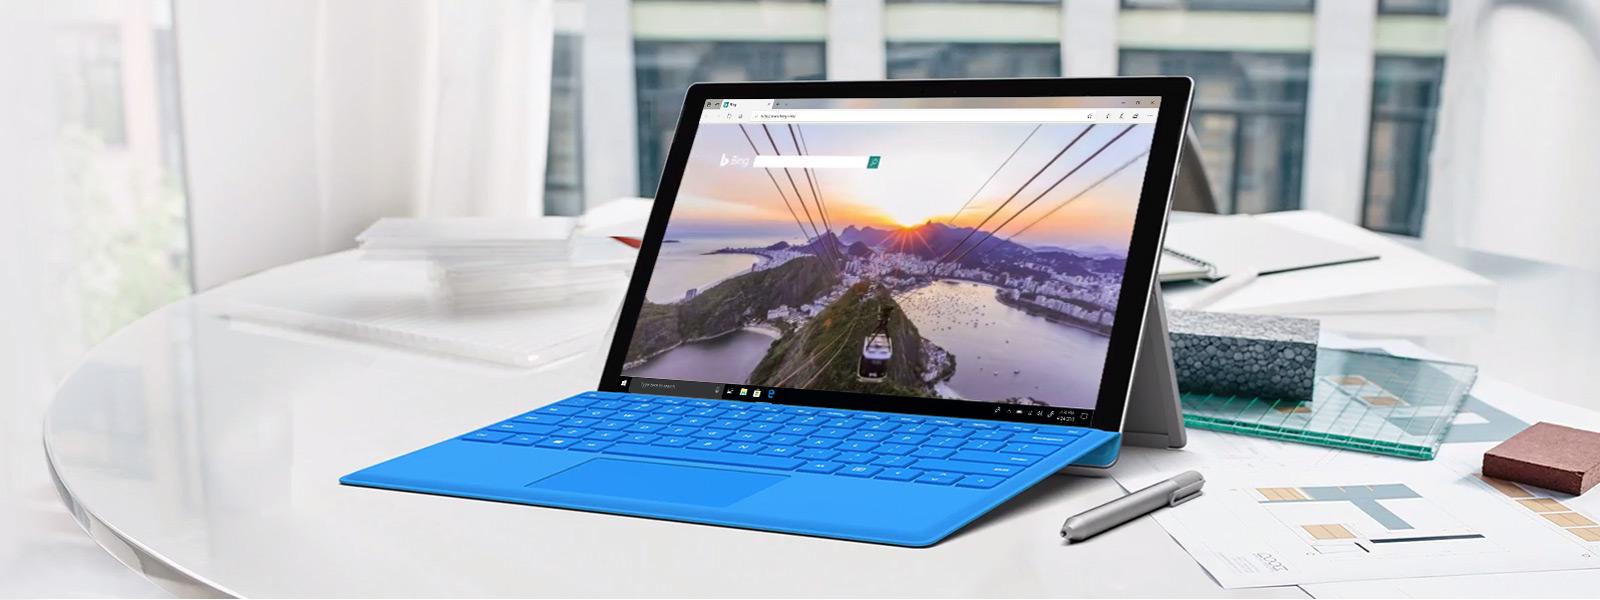 Surface Pro-computer op een bureau waarop een video wordt afgespeeld in een Microsoft Edge-browser